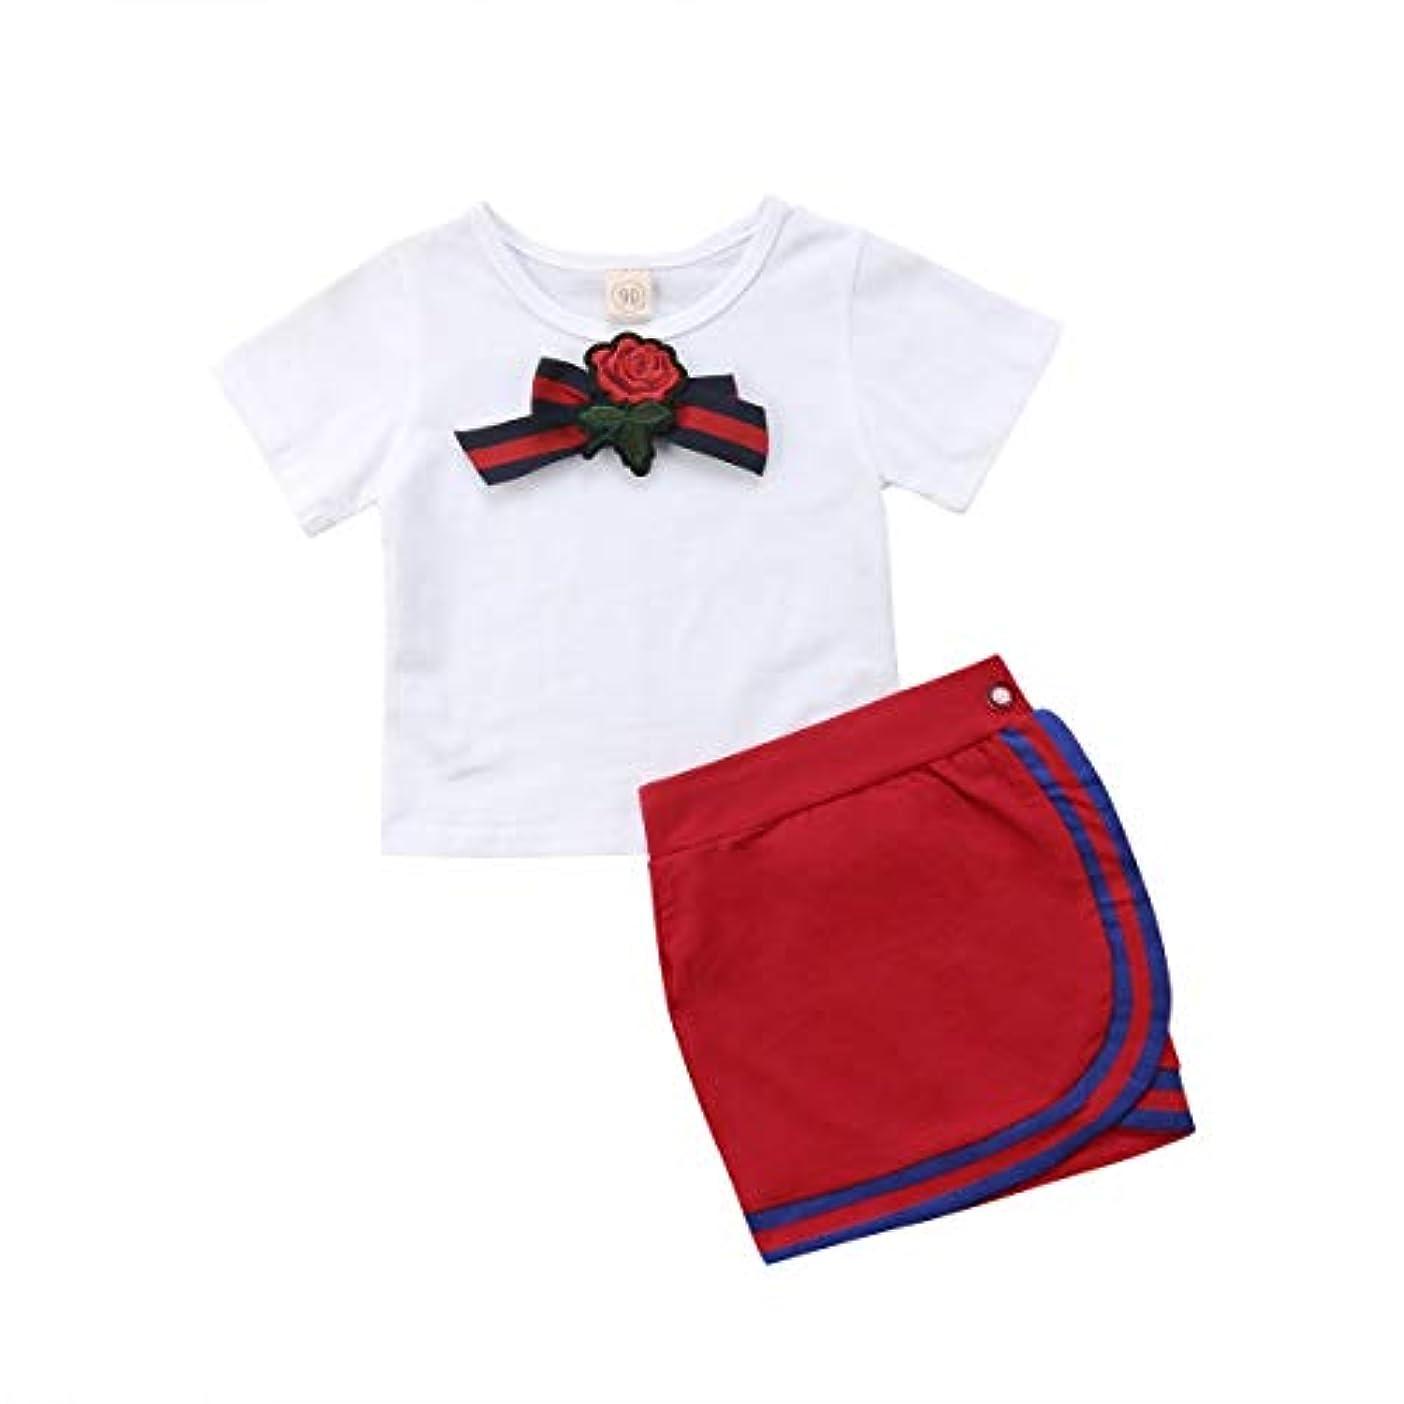 クリア寄生虫選ぶMaxcrestas - 女子制服新生児キッズベビー は蝶の花タイのTシャツショートミニスカートパーティーウェディングチュチュドレストップス設定します。